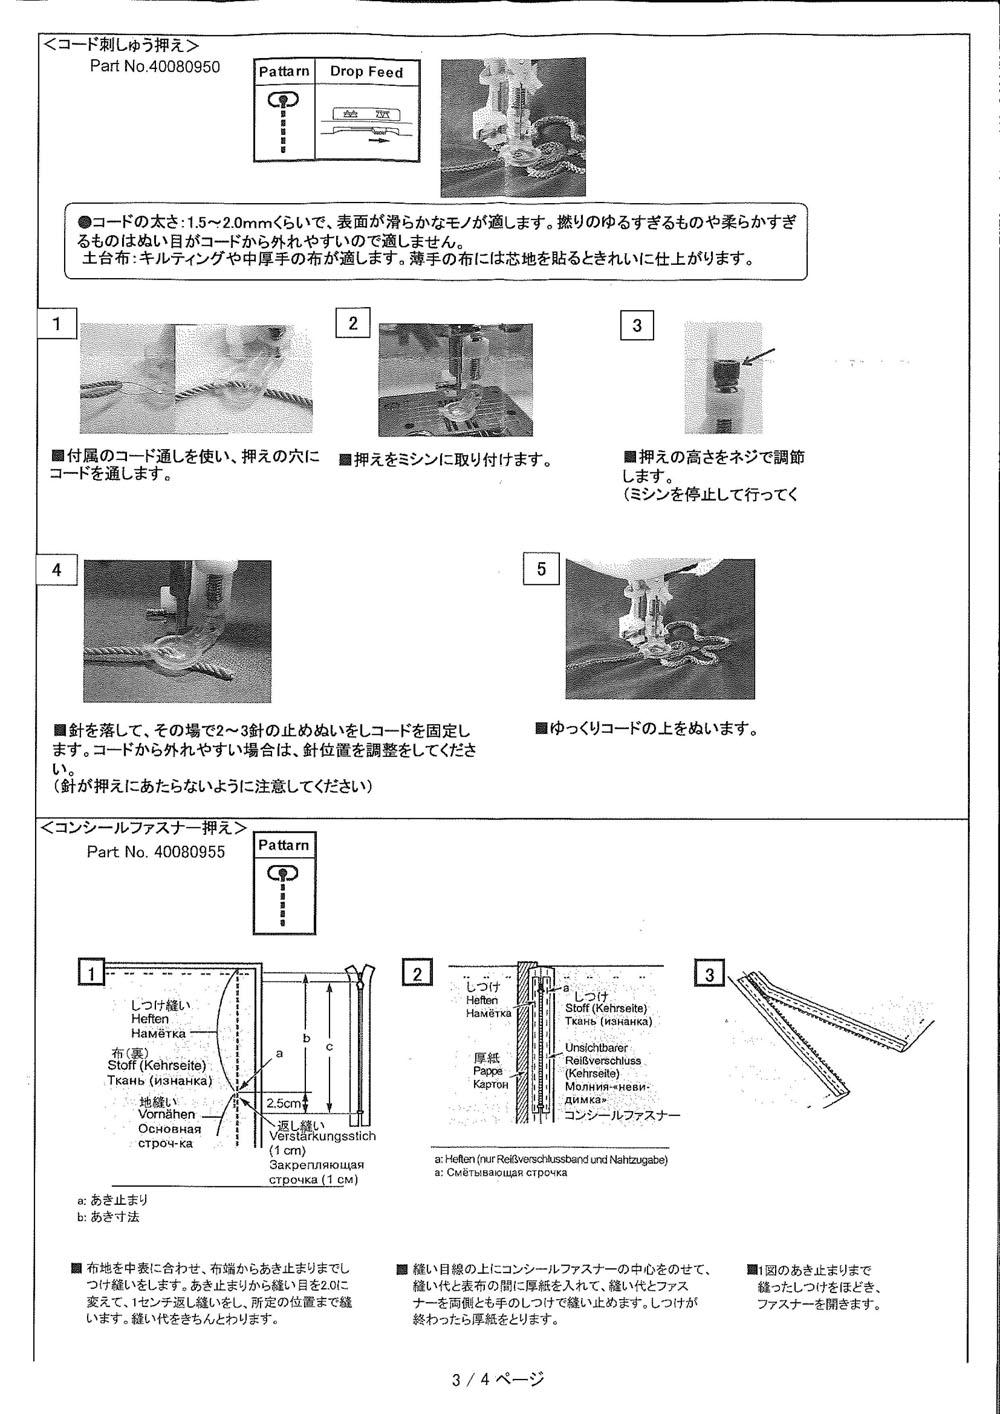 【送料無料】 ヘビーユーザーキット HZL-EX7